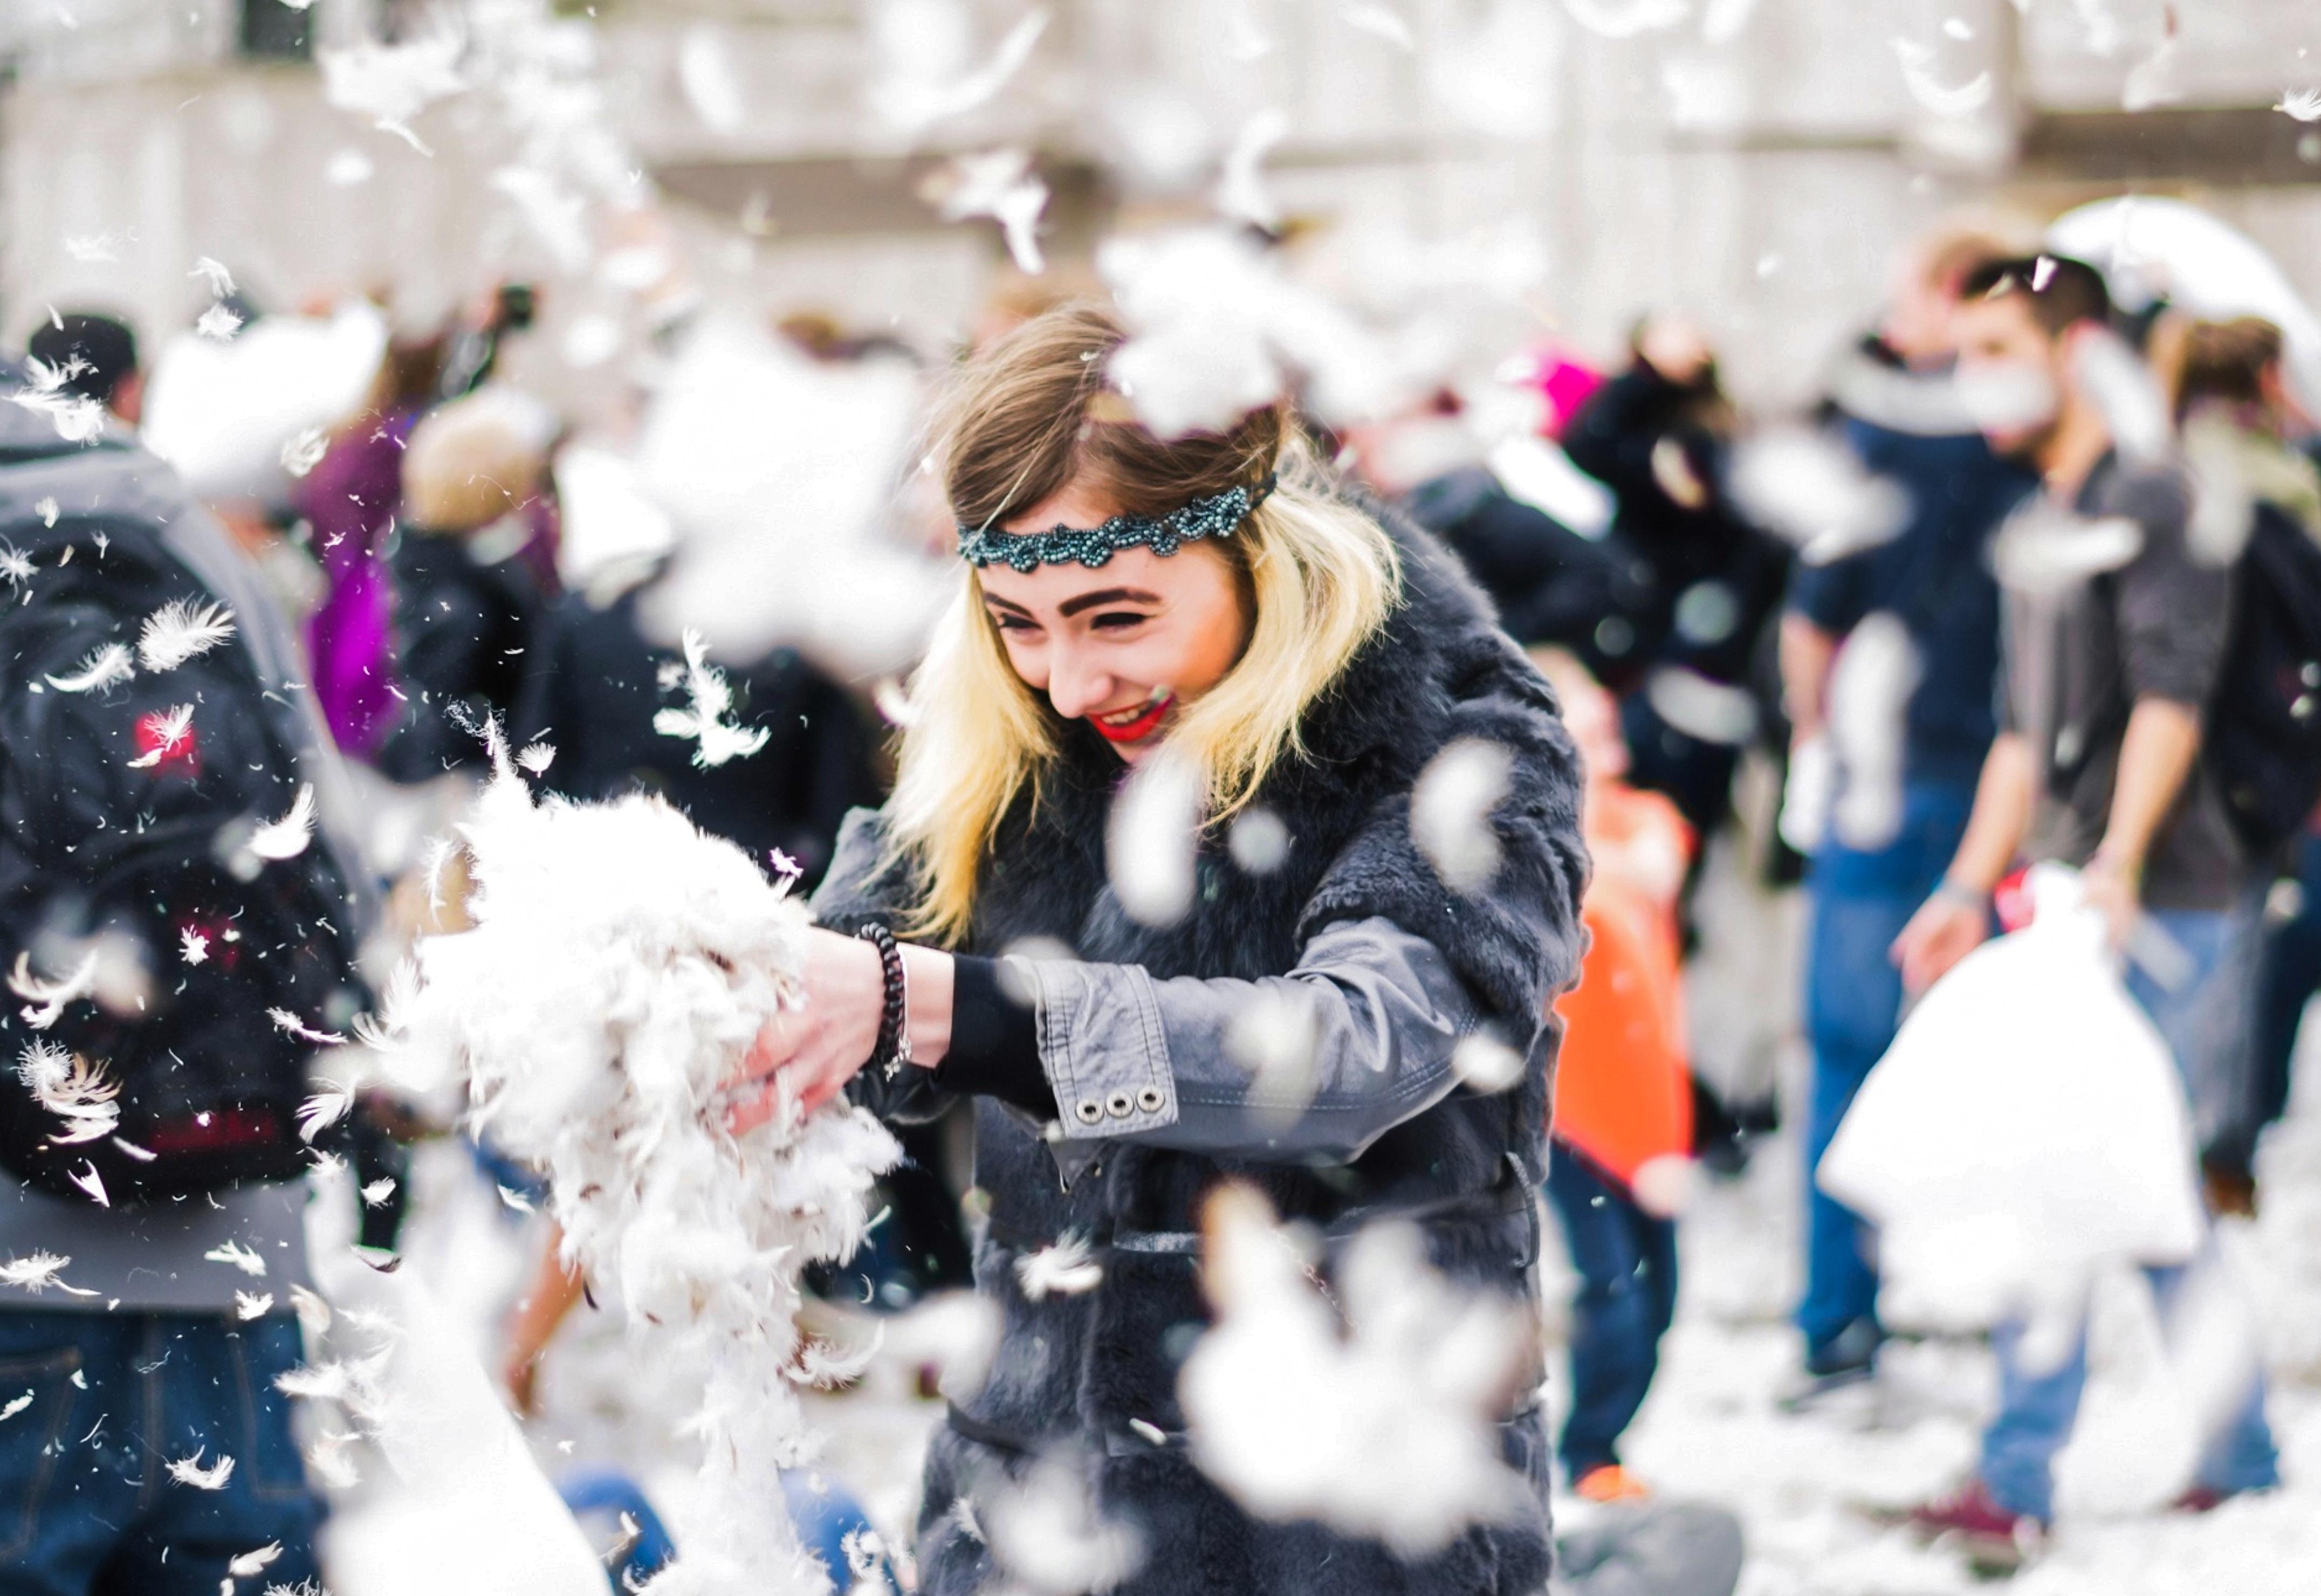 нашли идеальные зима фотографии с людьми статья, открывающая